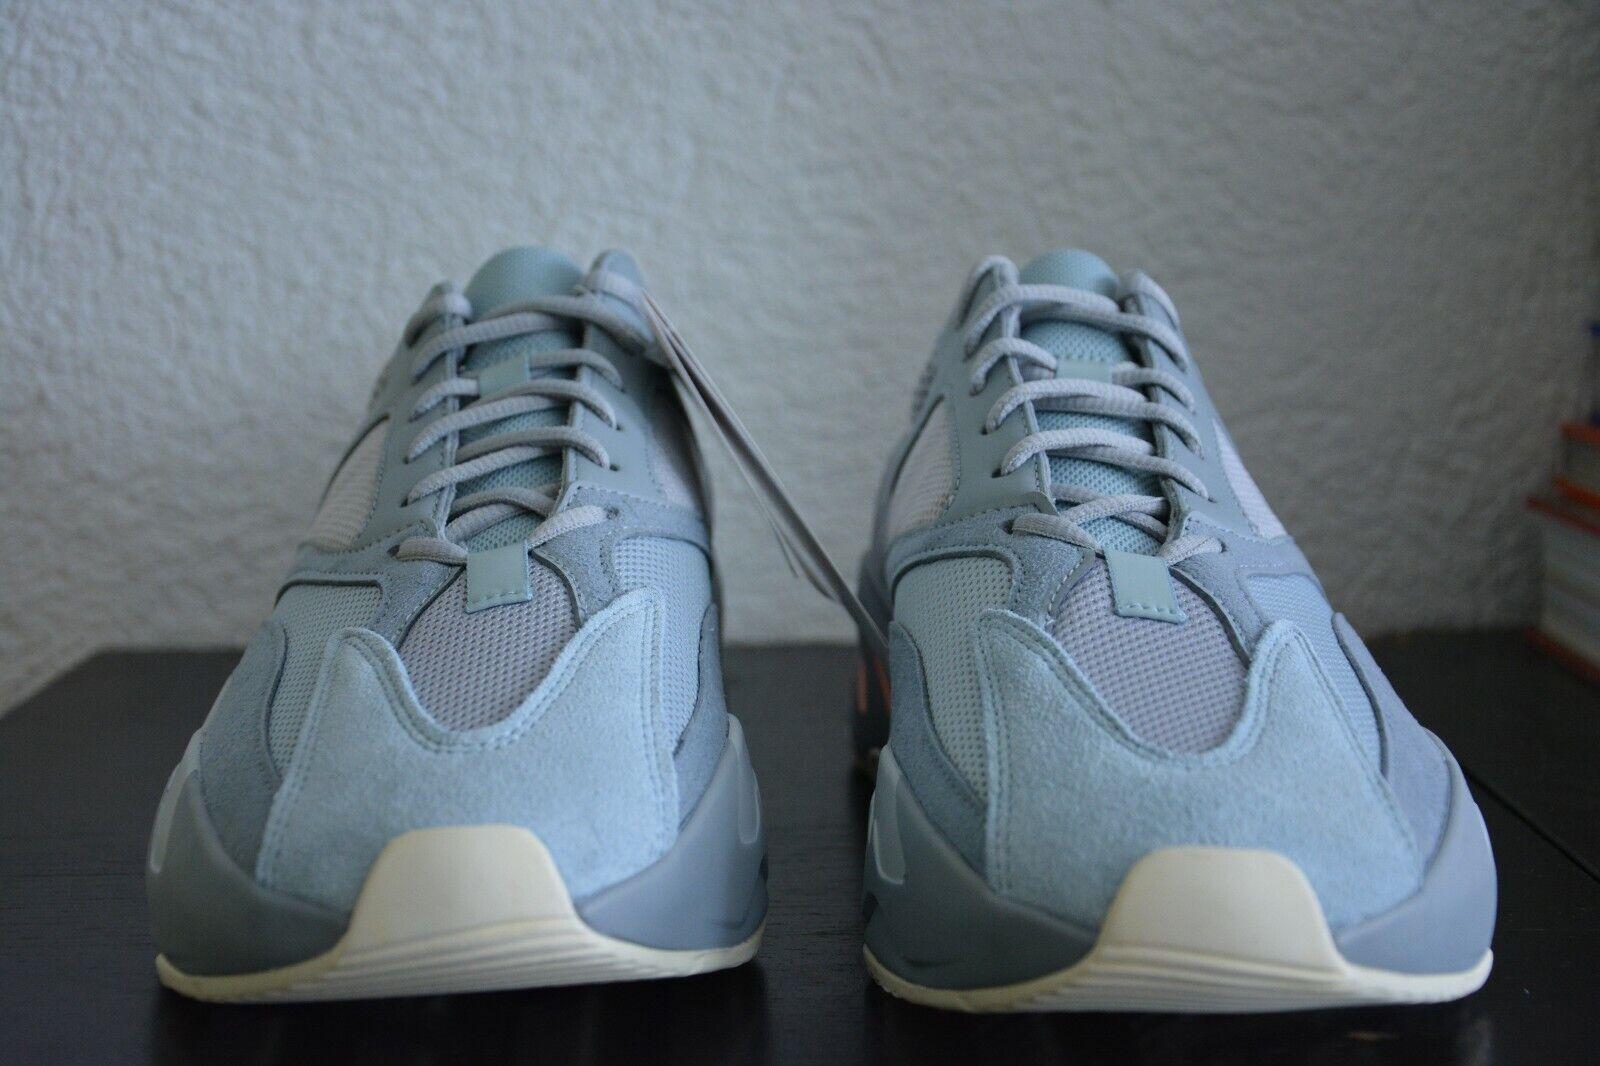 Adidas Yeezy Boost 700 Inertia Us 12.5 Uk 12 Eu 47 1 3